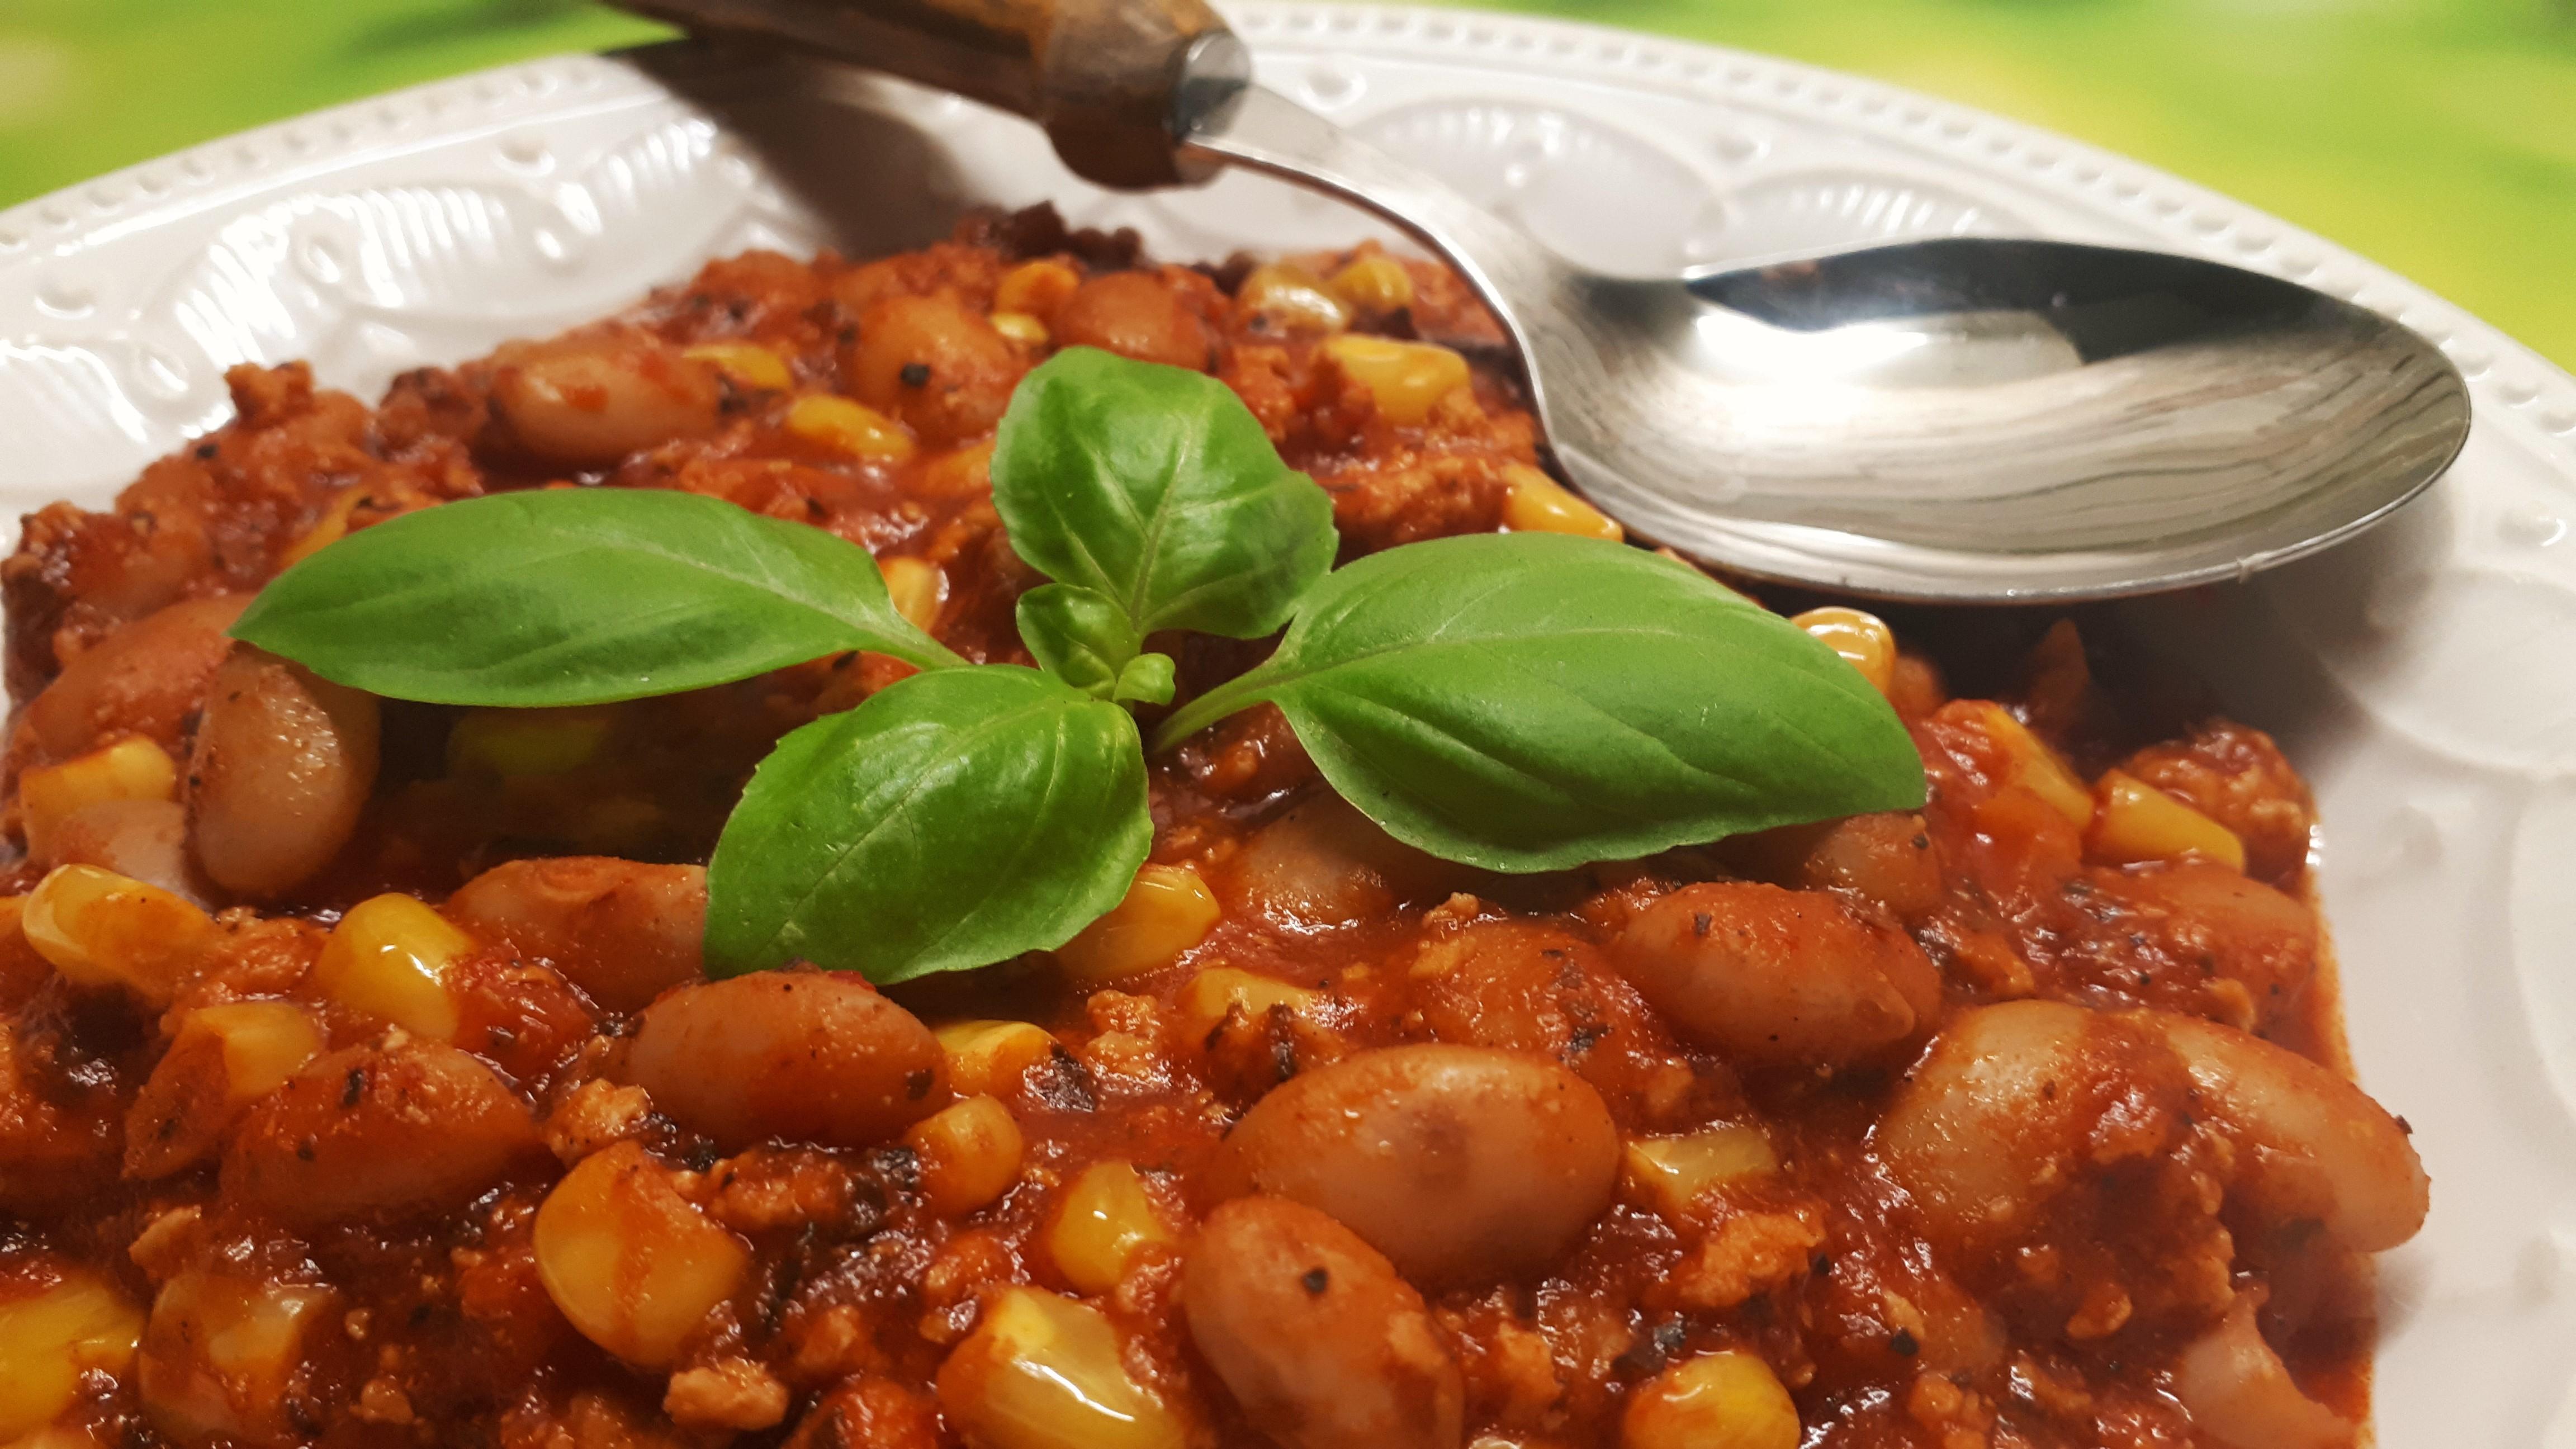 diétás ételek fogyni mexikói receptek